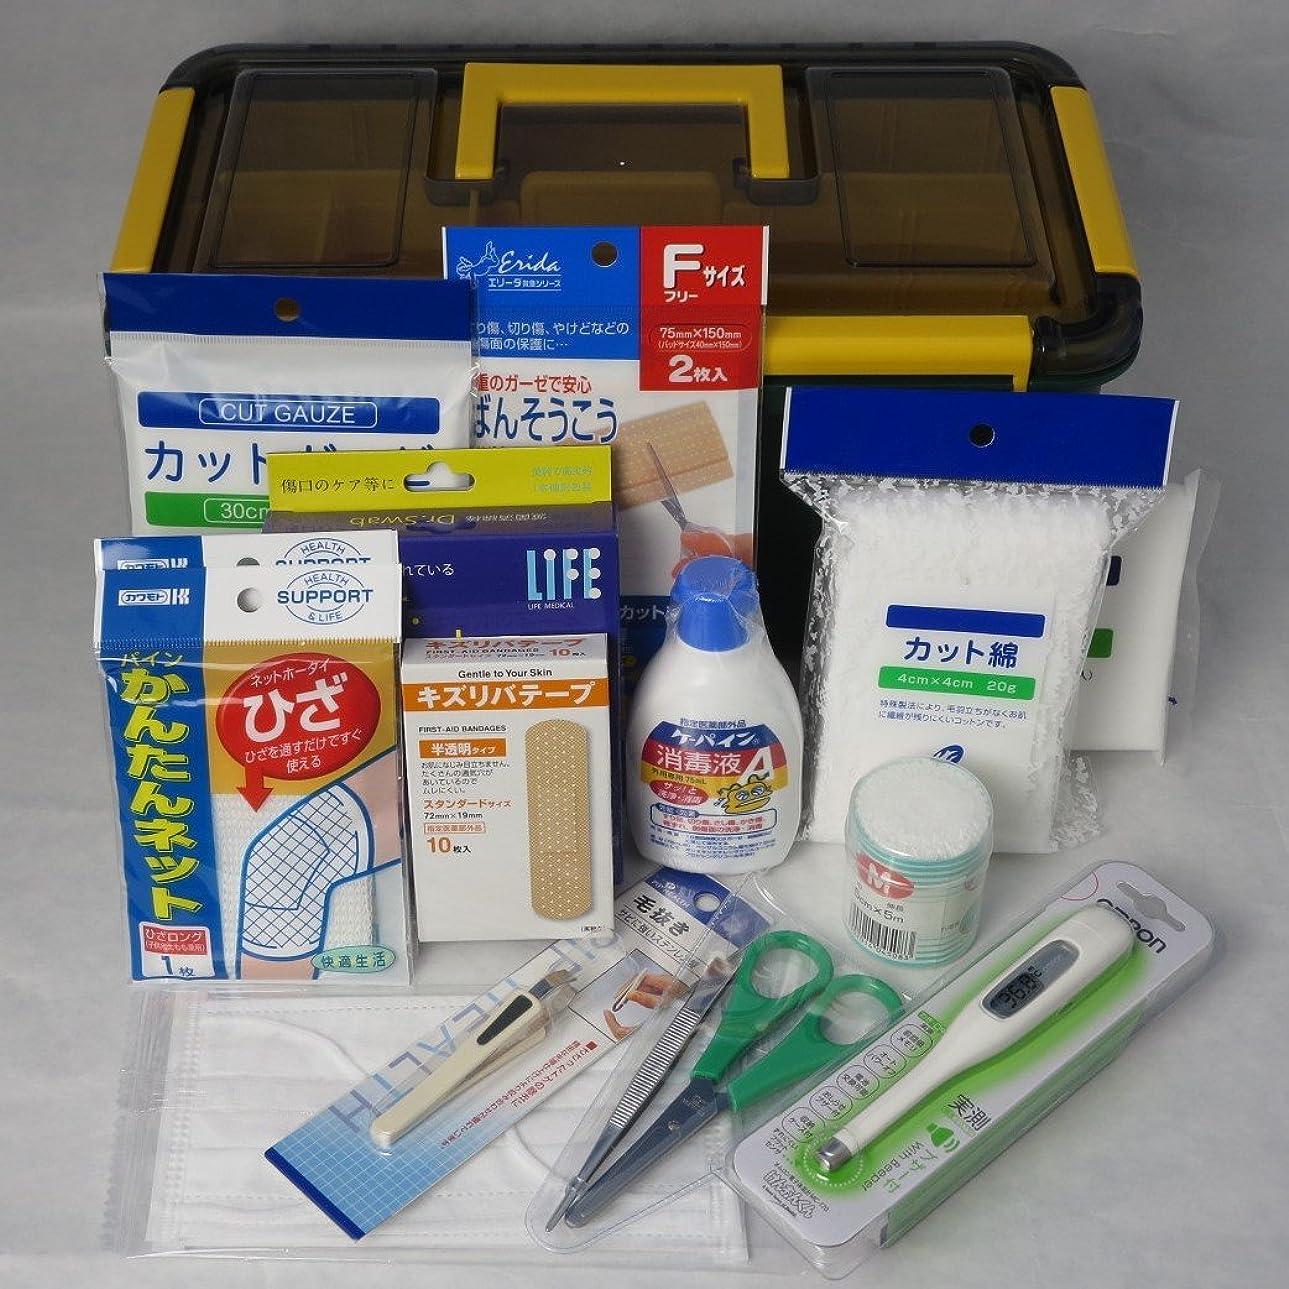 データフィドル力学外傷用救急箱 防滴タイプ 応急手当用品18点セット 労働安全衛生規則準拠 外現場向け